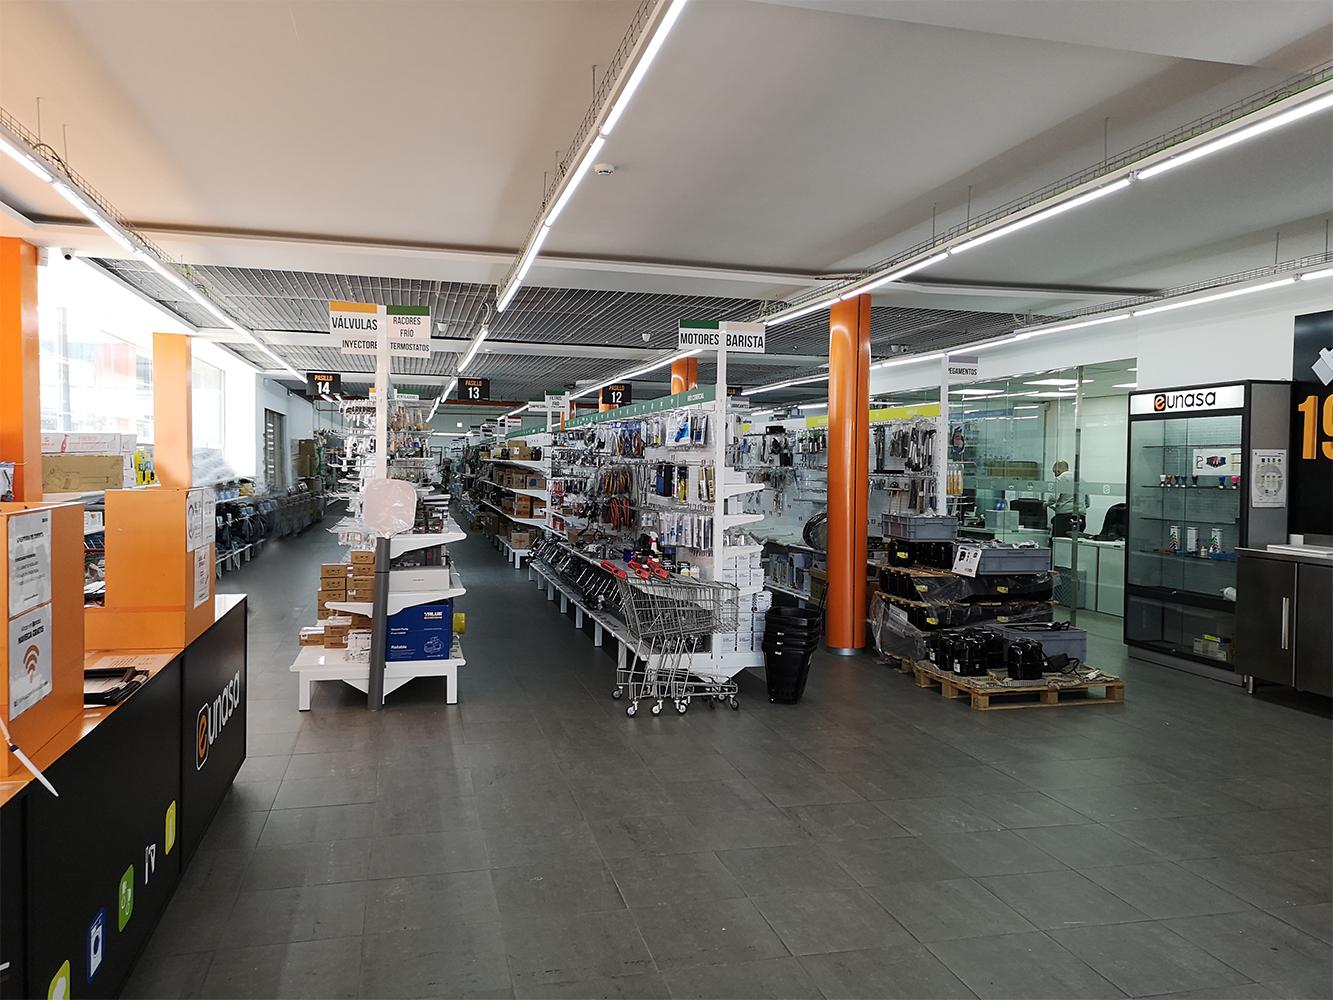 IMAGE NEWS AMPLIACION 1 - Ampliación de tienda Barcelona y almacén regulador